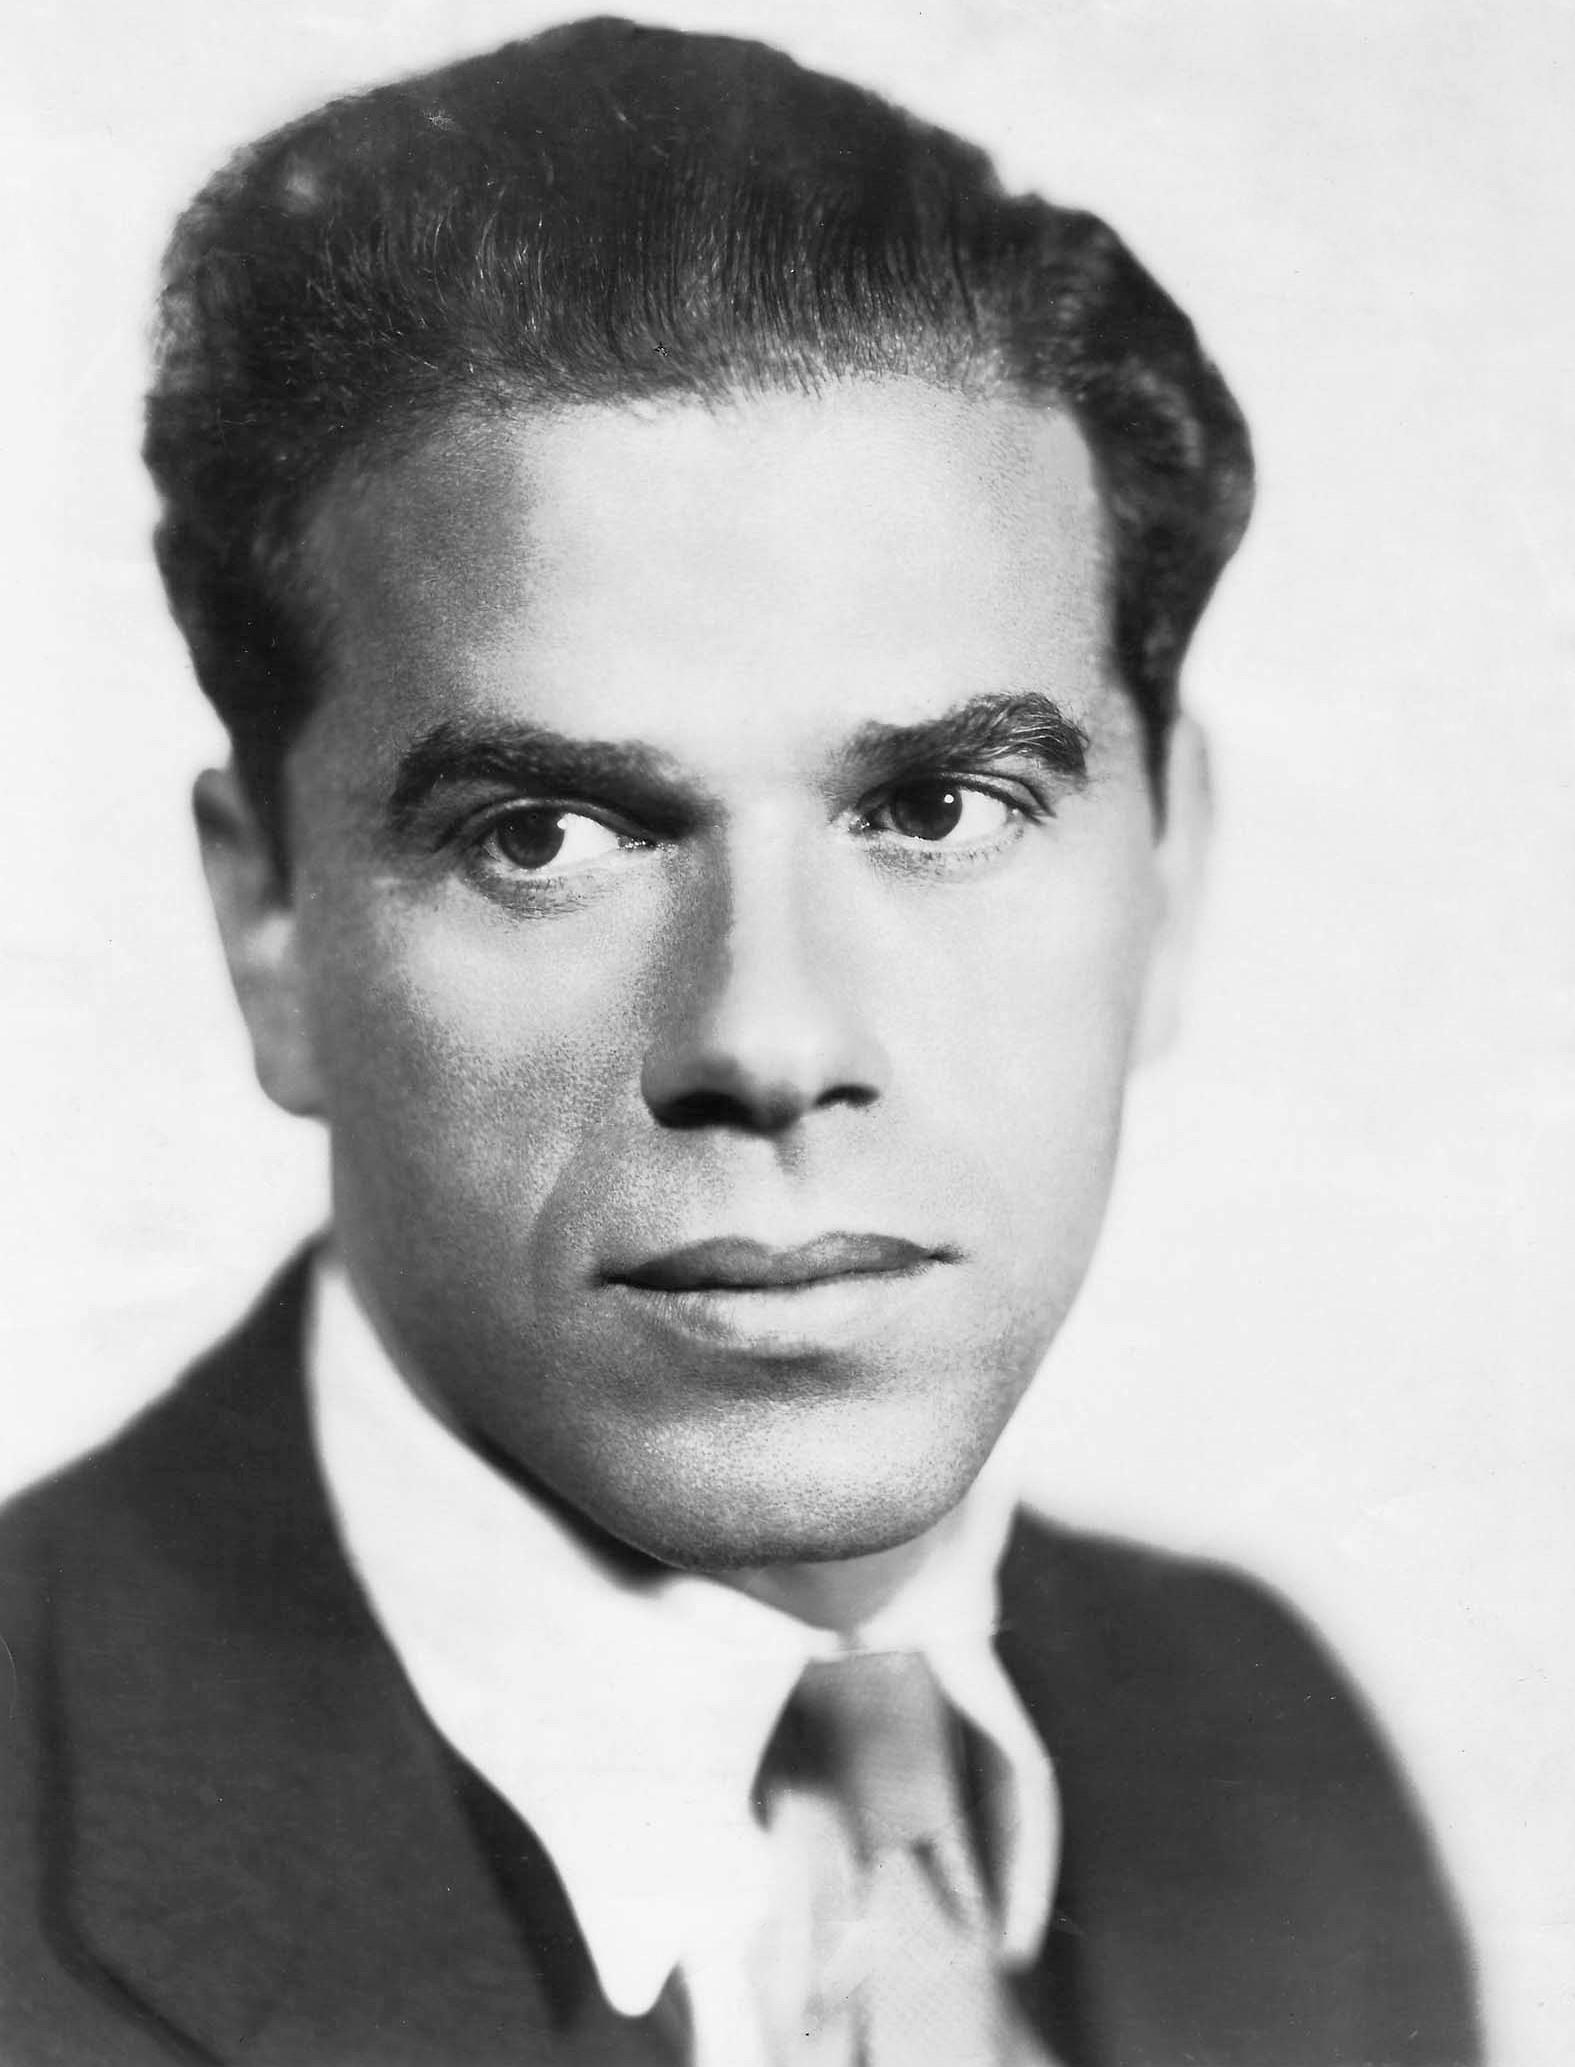 Veja o que saiu no Migalhas sobre Frank Capra